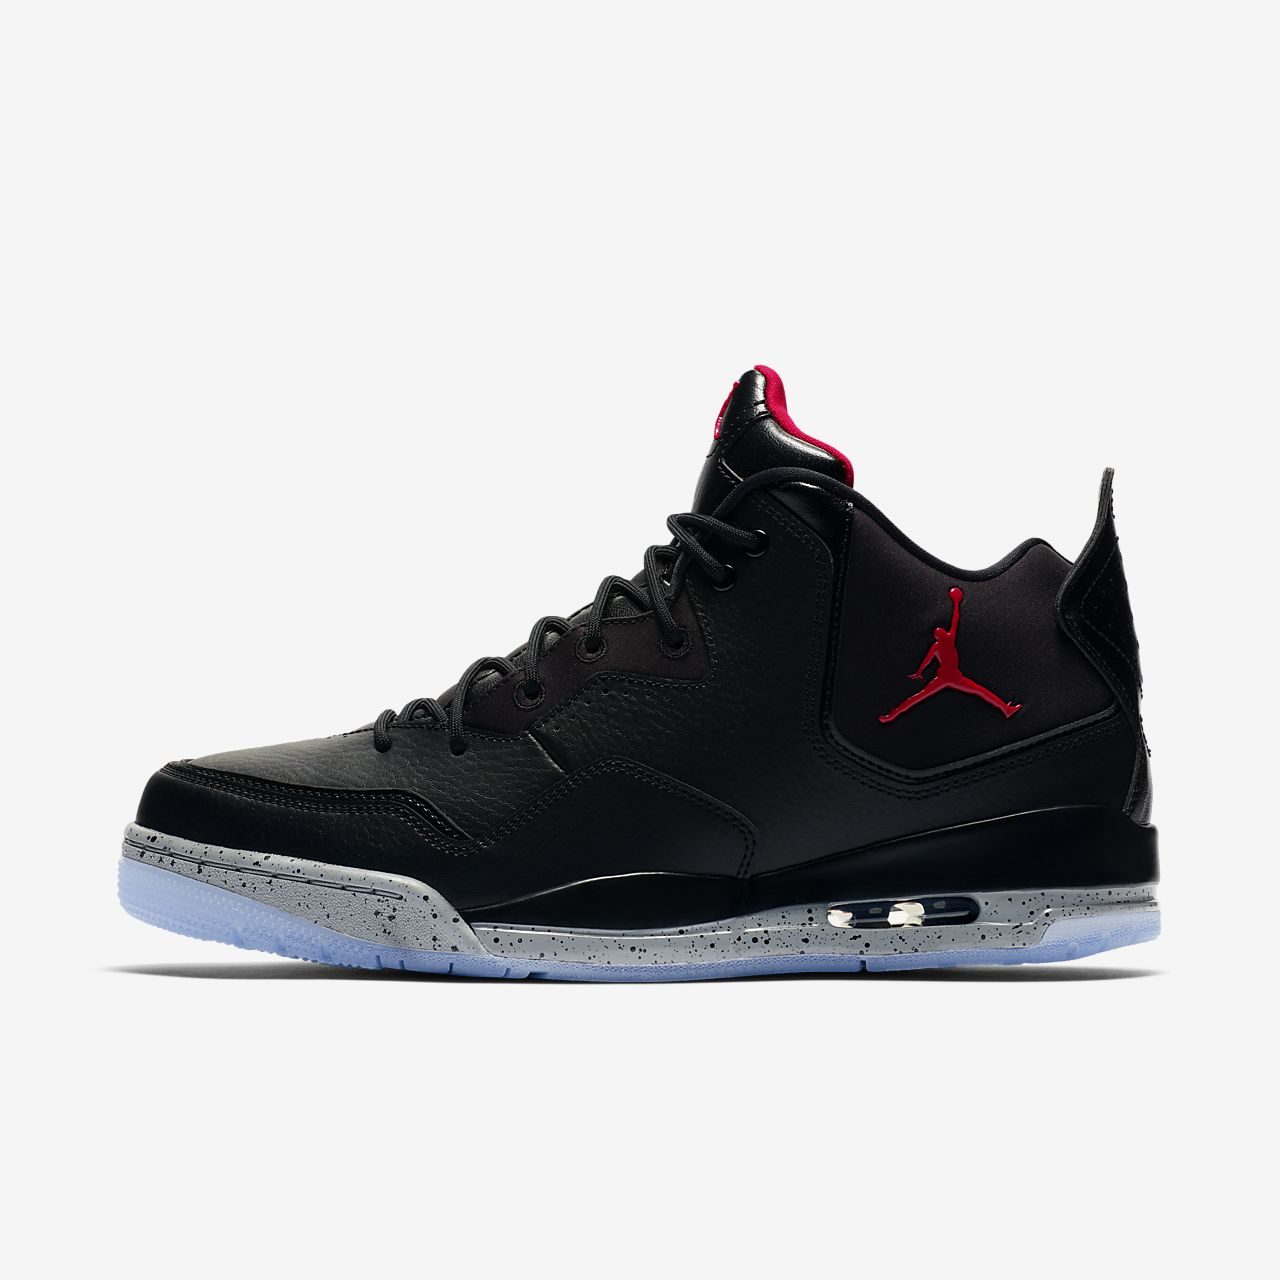 buy online 8081c 03881 ... Jordan Courtside 23 Zapatillas - Hombre